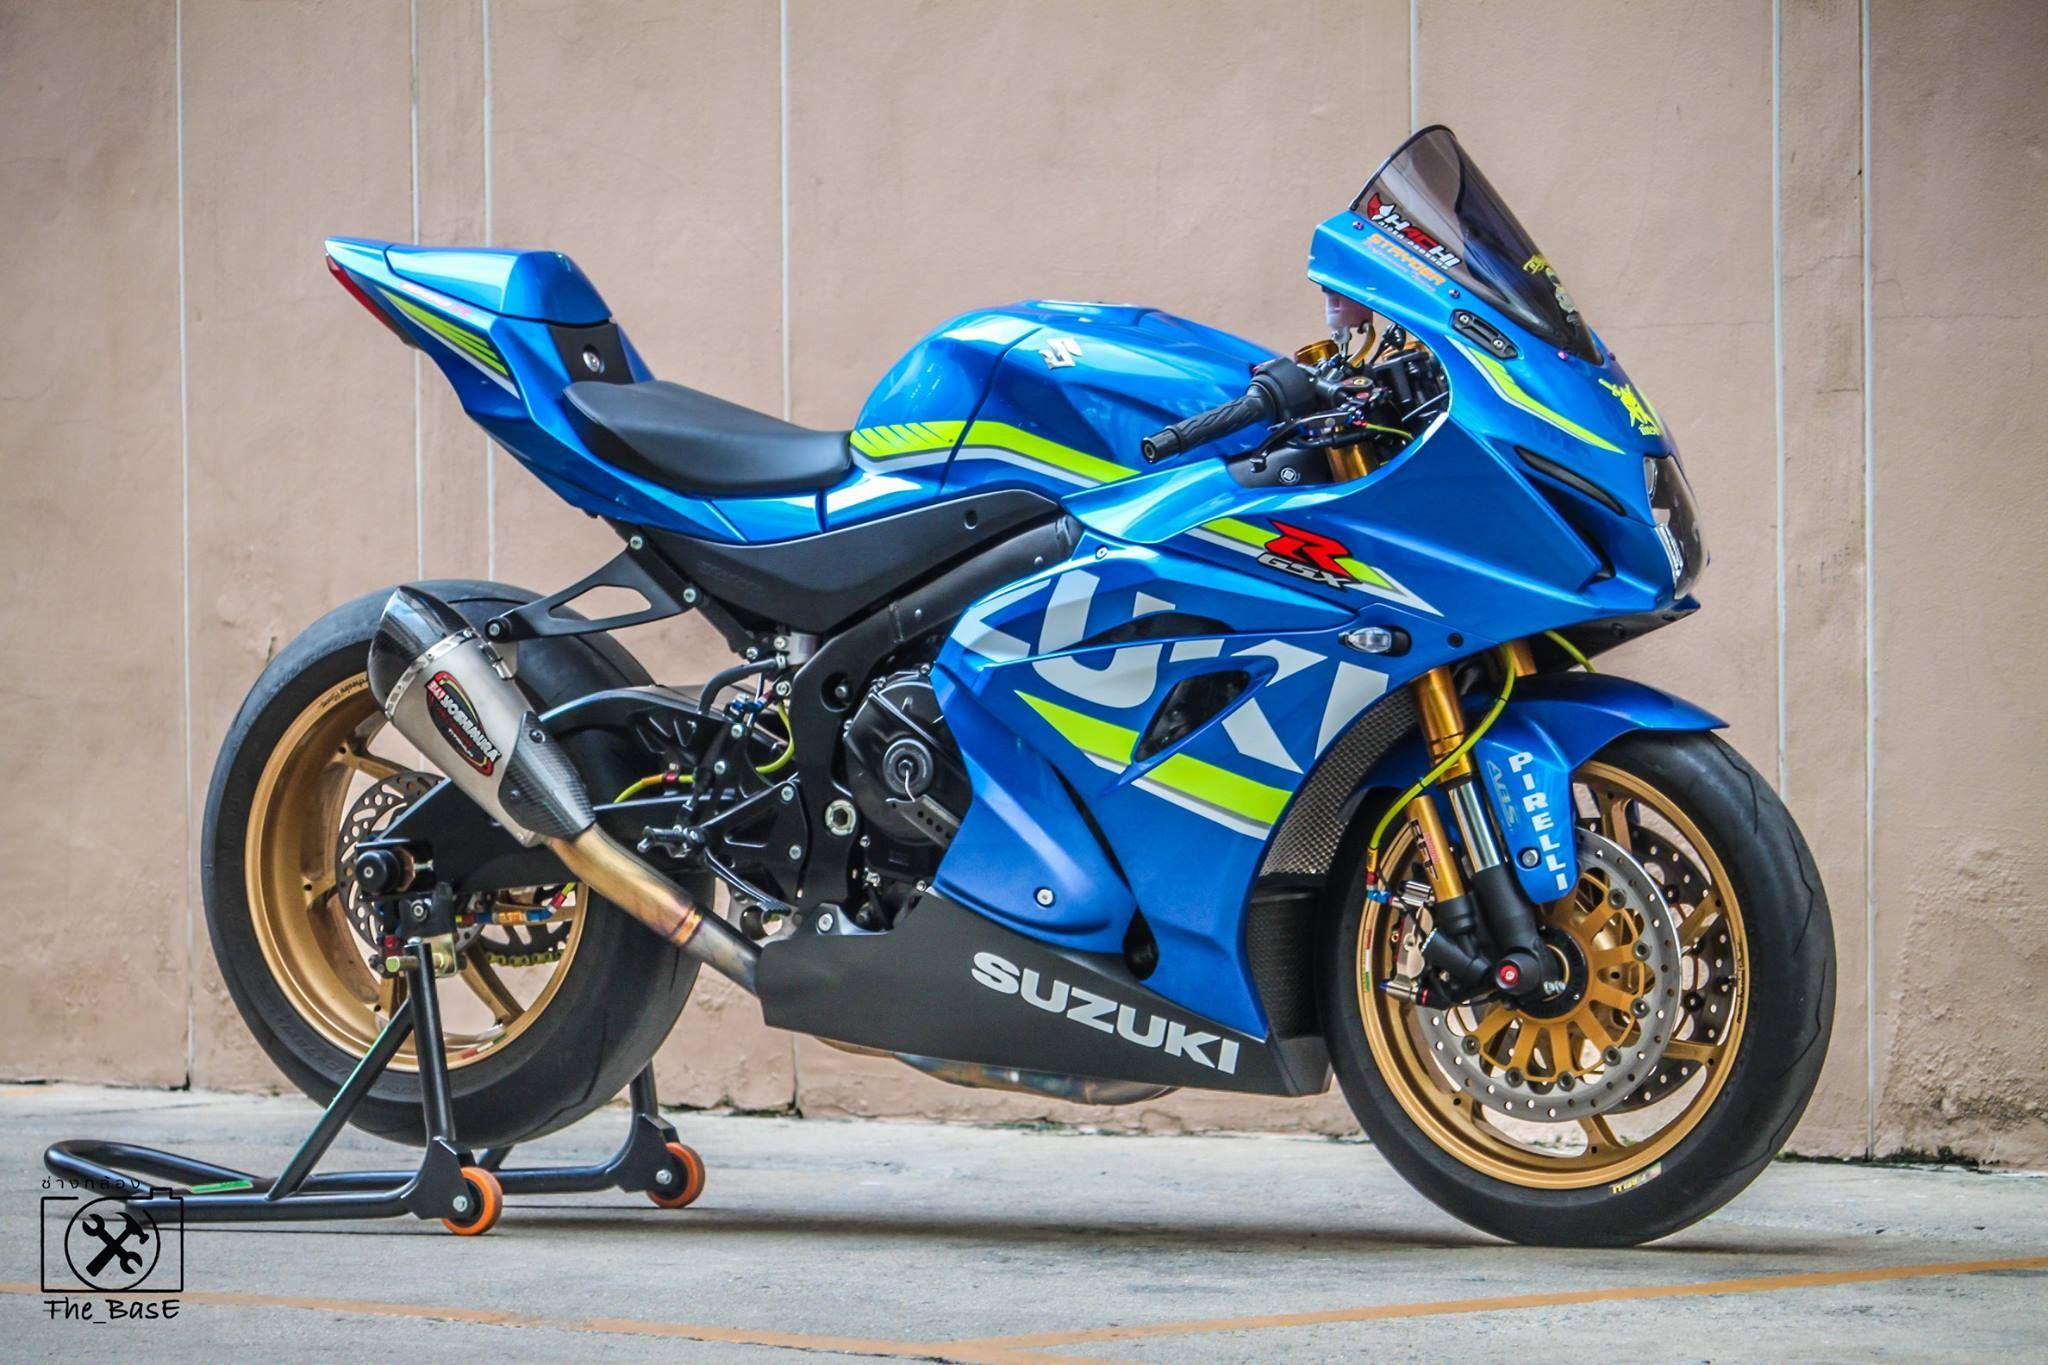 Bigwheel Thailand Super Bikes Suzuki Motorcycle Sportbikes